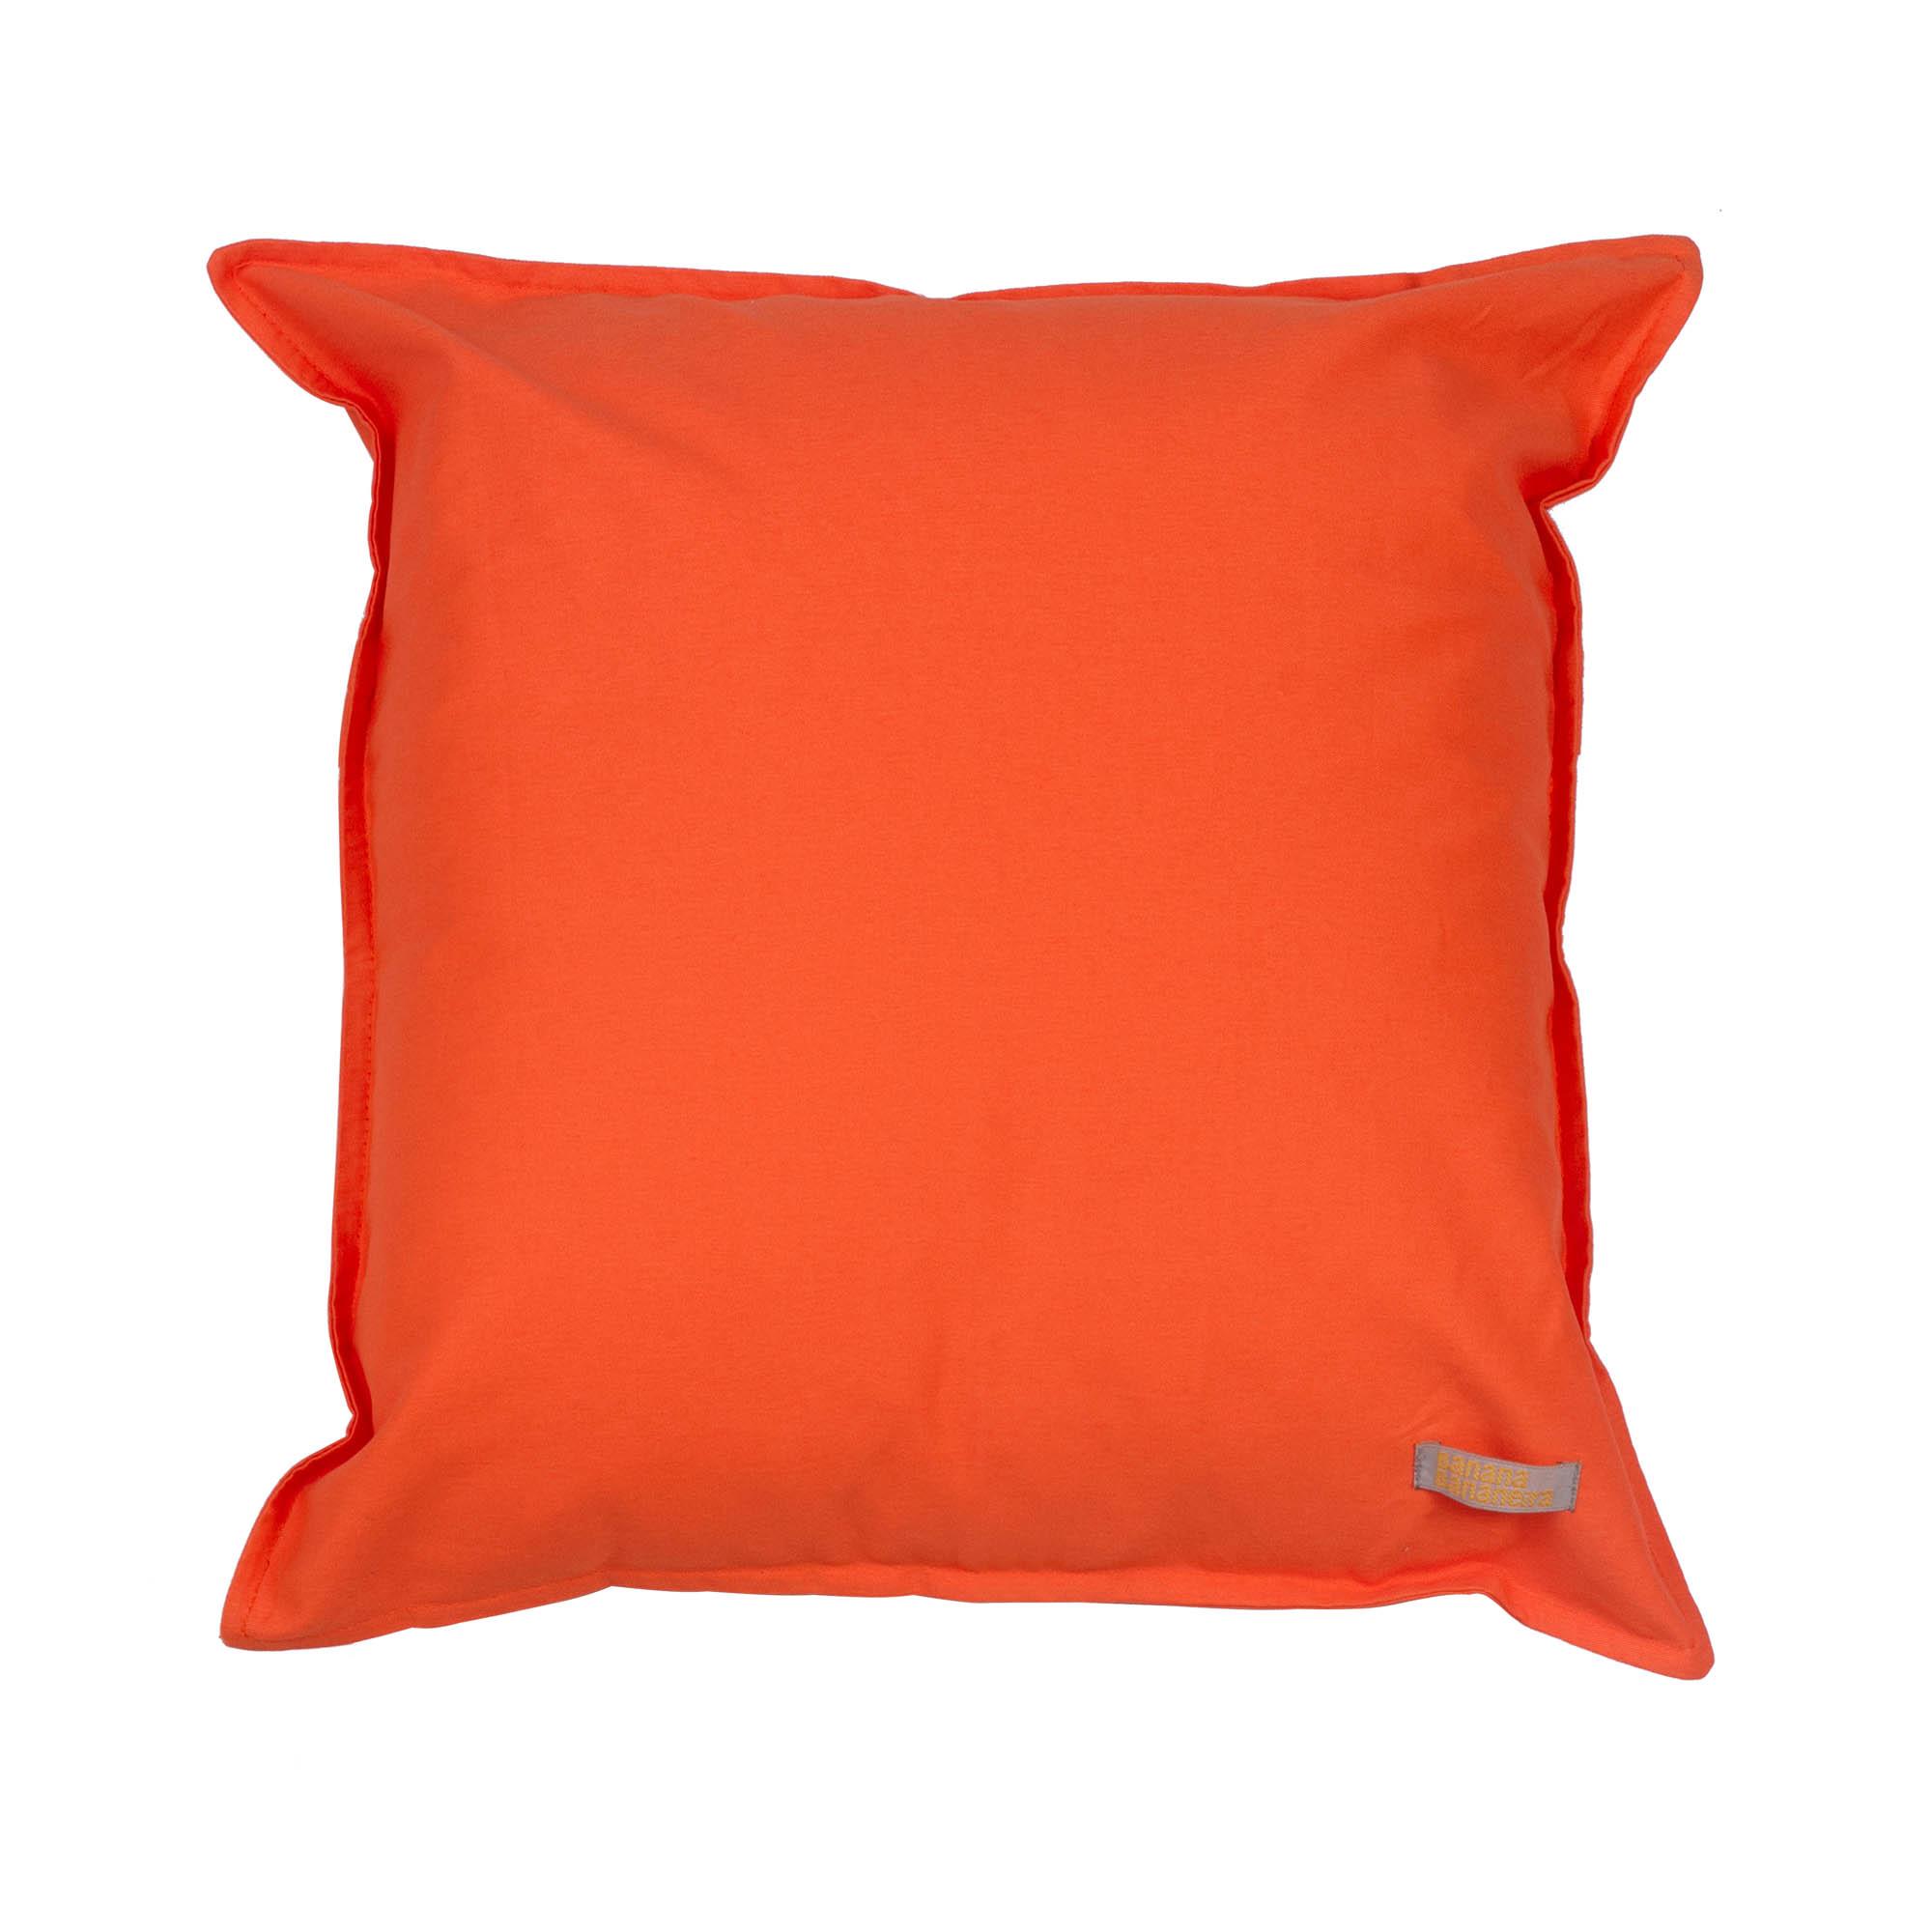 Almofada em pesponto 25 cm x 25 cm tangerina